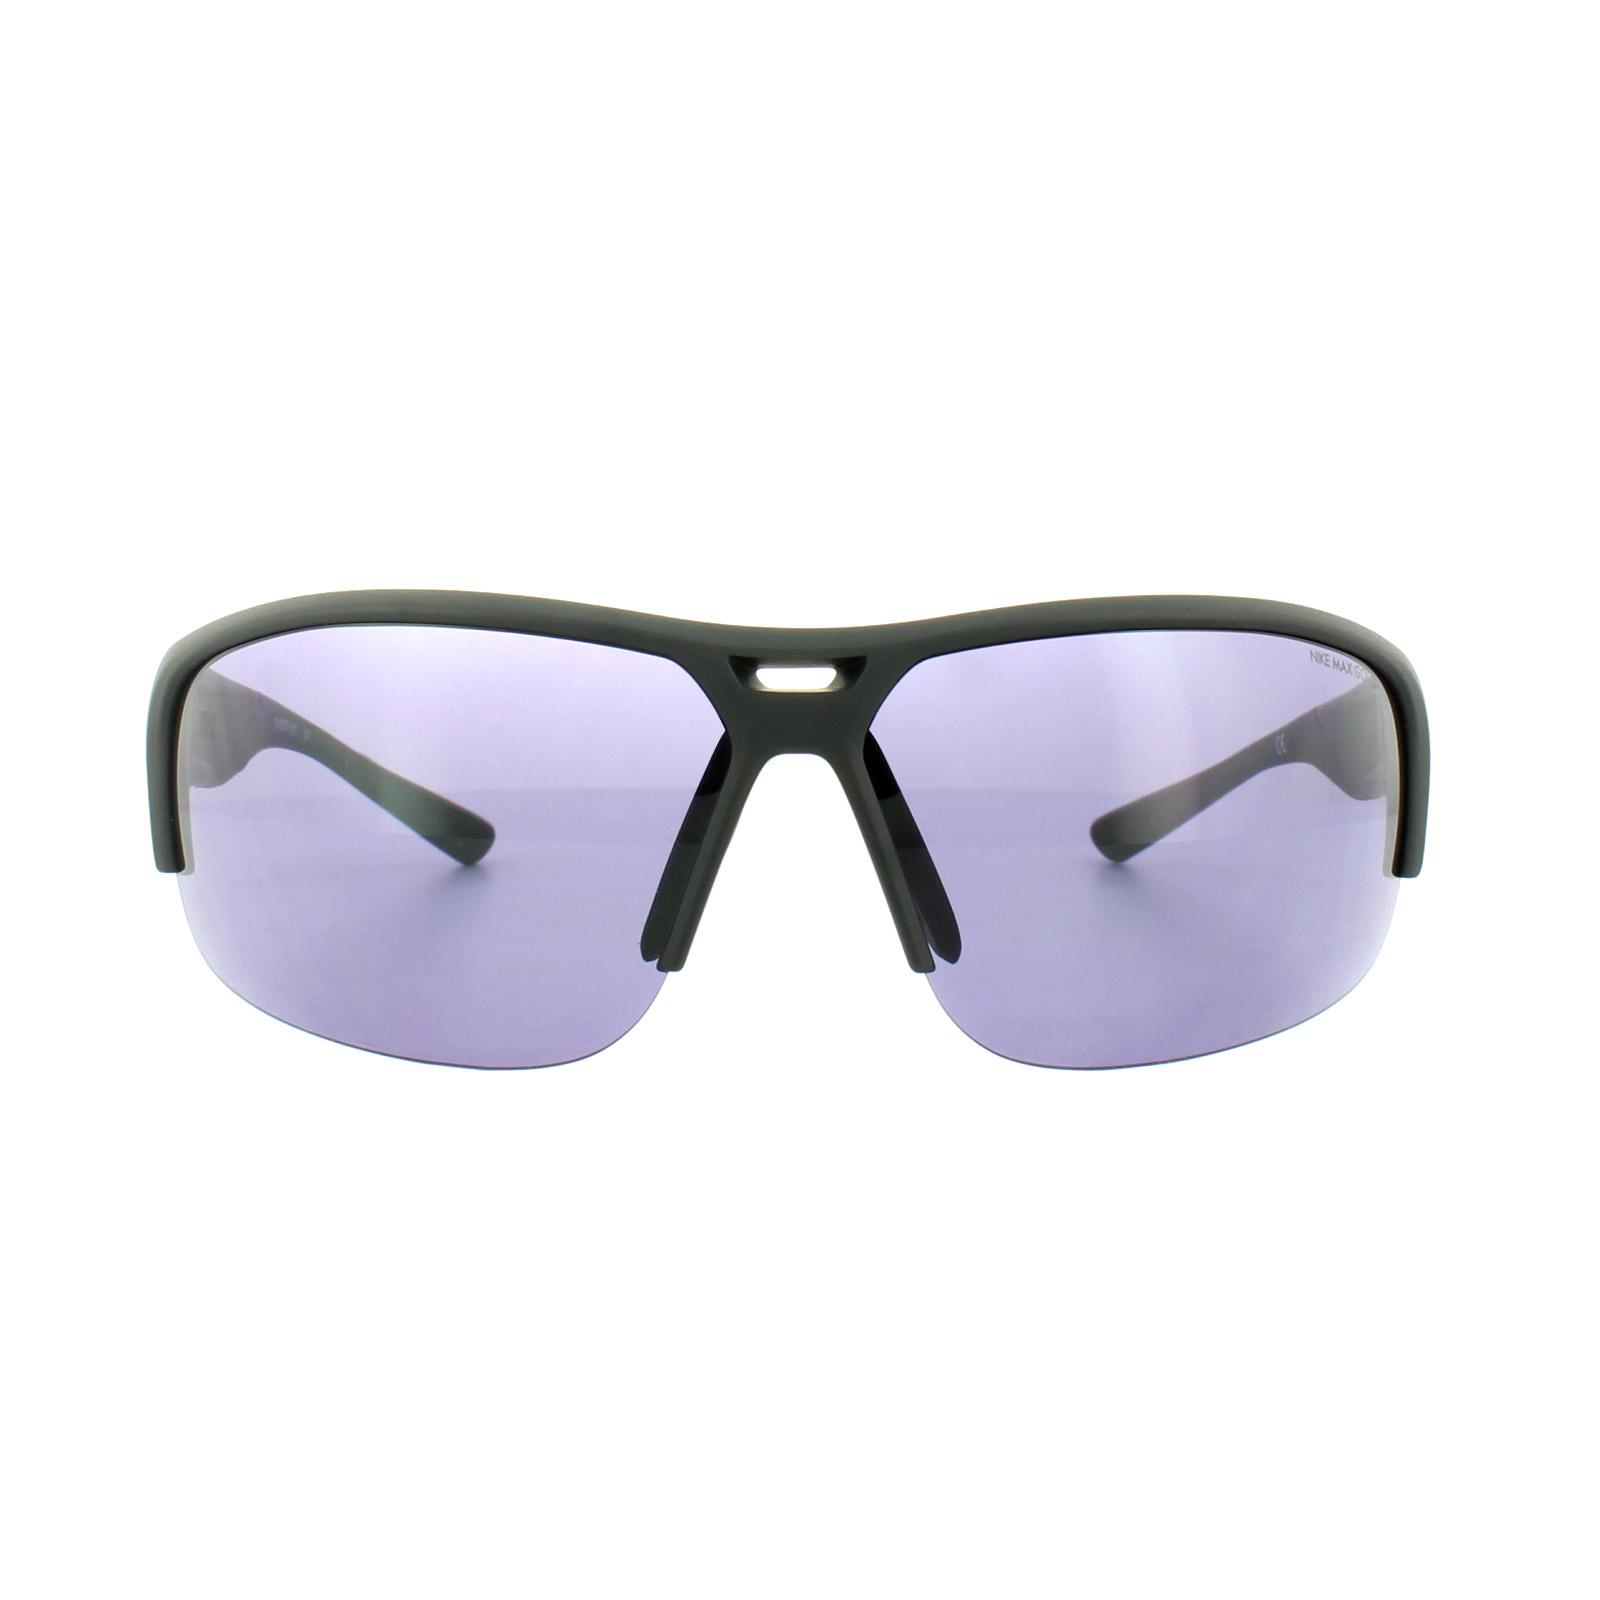 b5f2ff89879 Sentinel Nike Sunglasses Golf X2 E EV0871 010 Matt Black Max Golf Tint